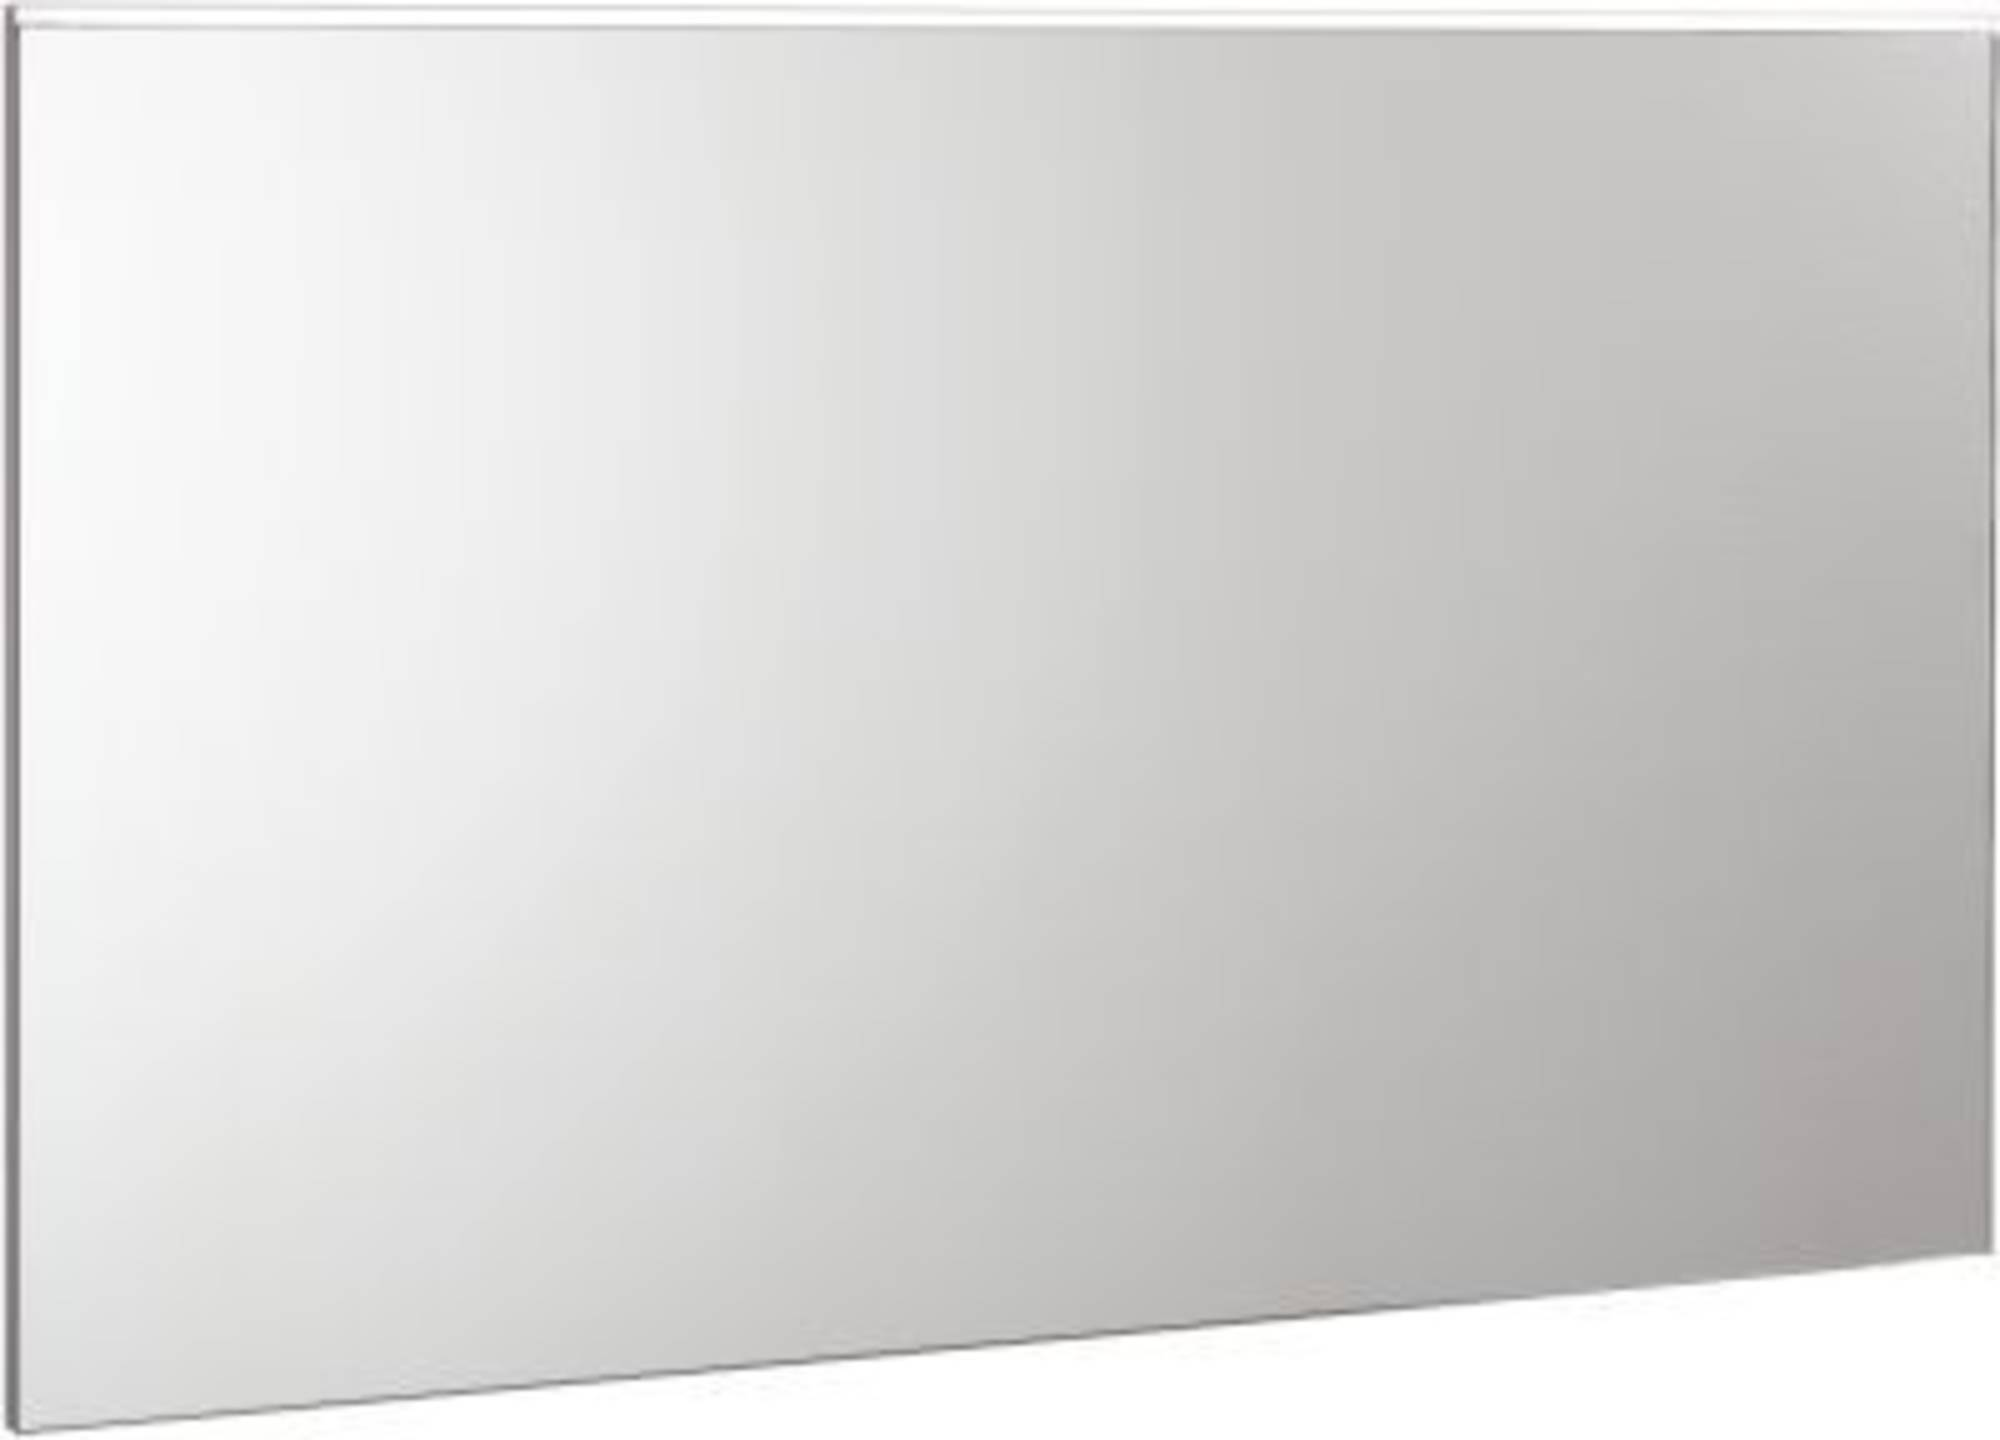 Sphinx Serie 420 new spiegel 120x70cm,met led verlichting en verwarming